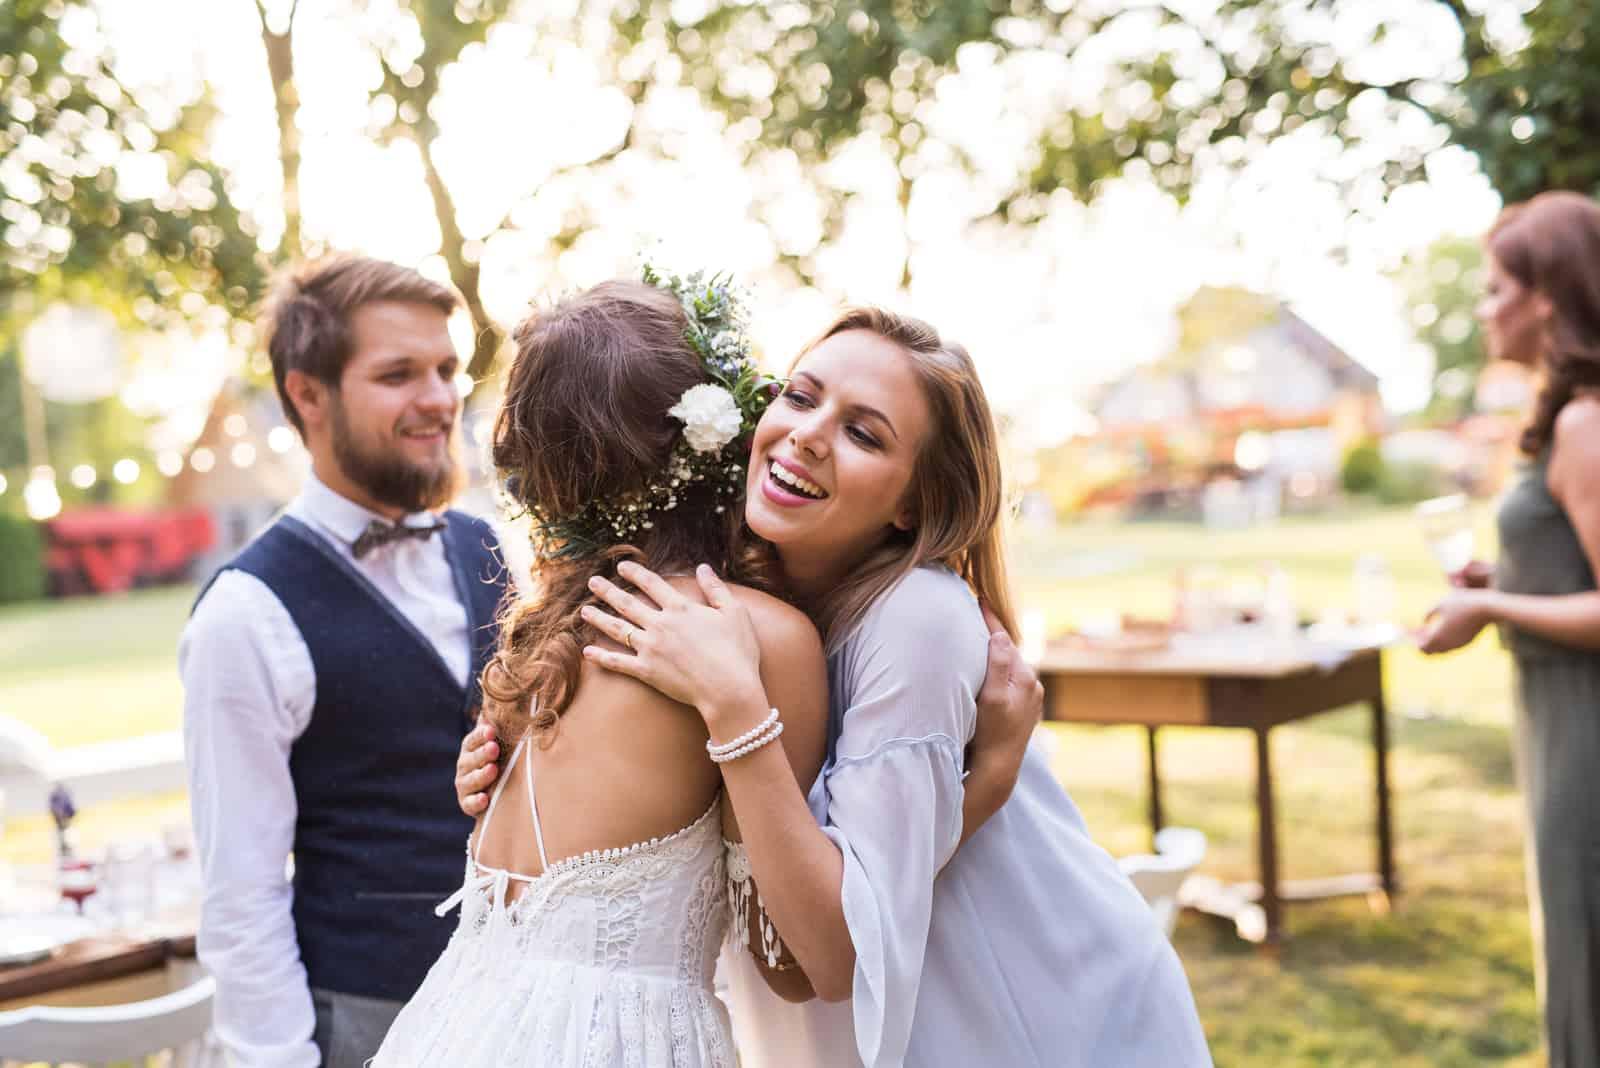 Junges Mädchen gratuliert Braut und Bräutigam zur Hochzeit